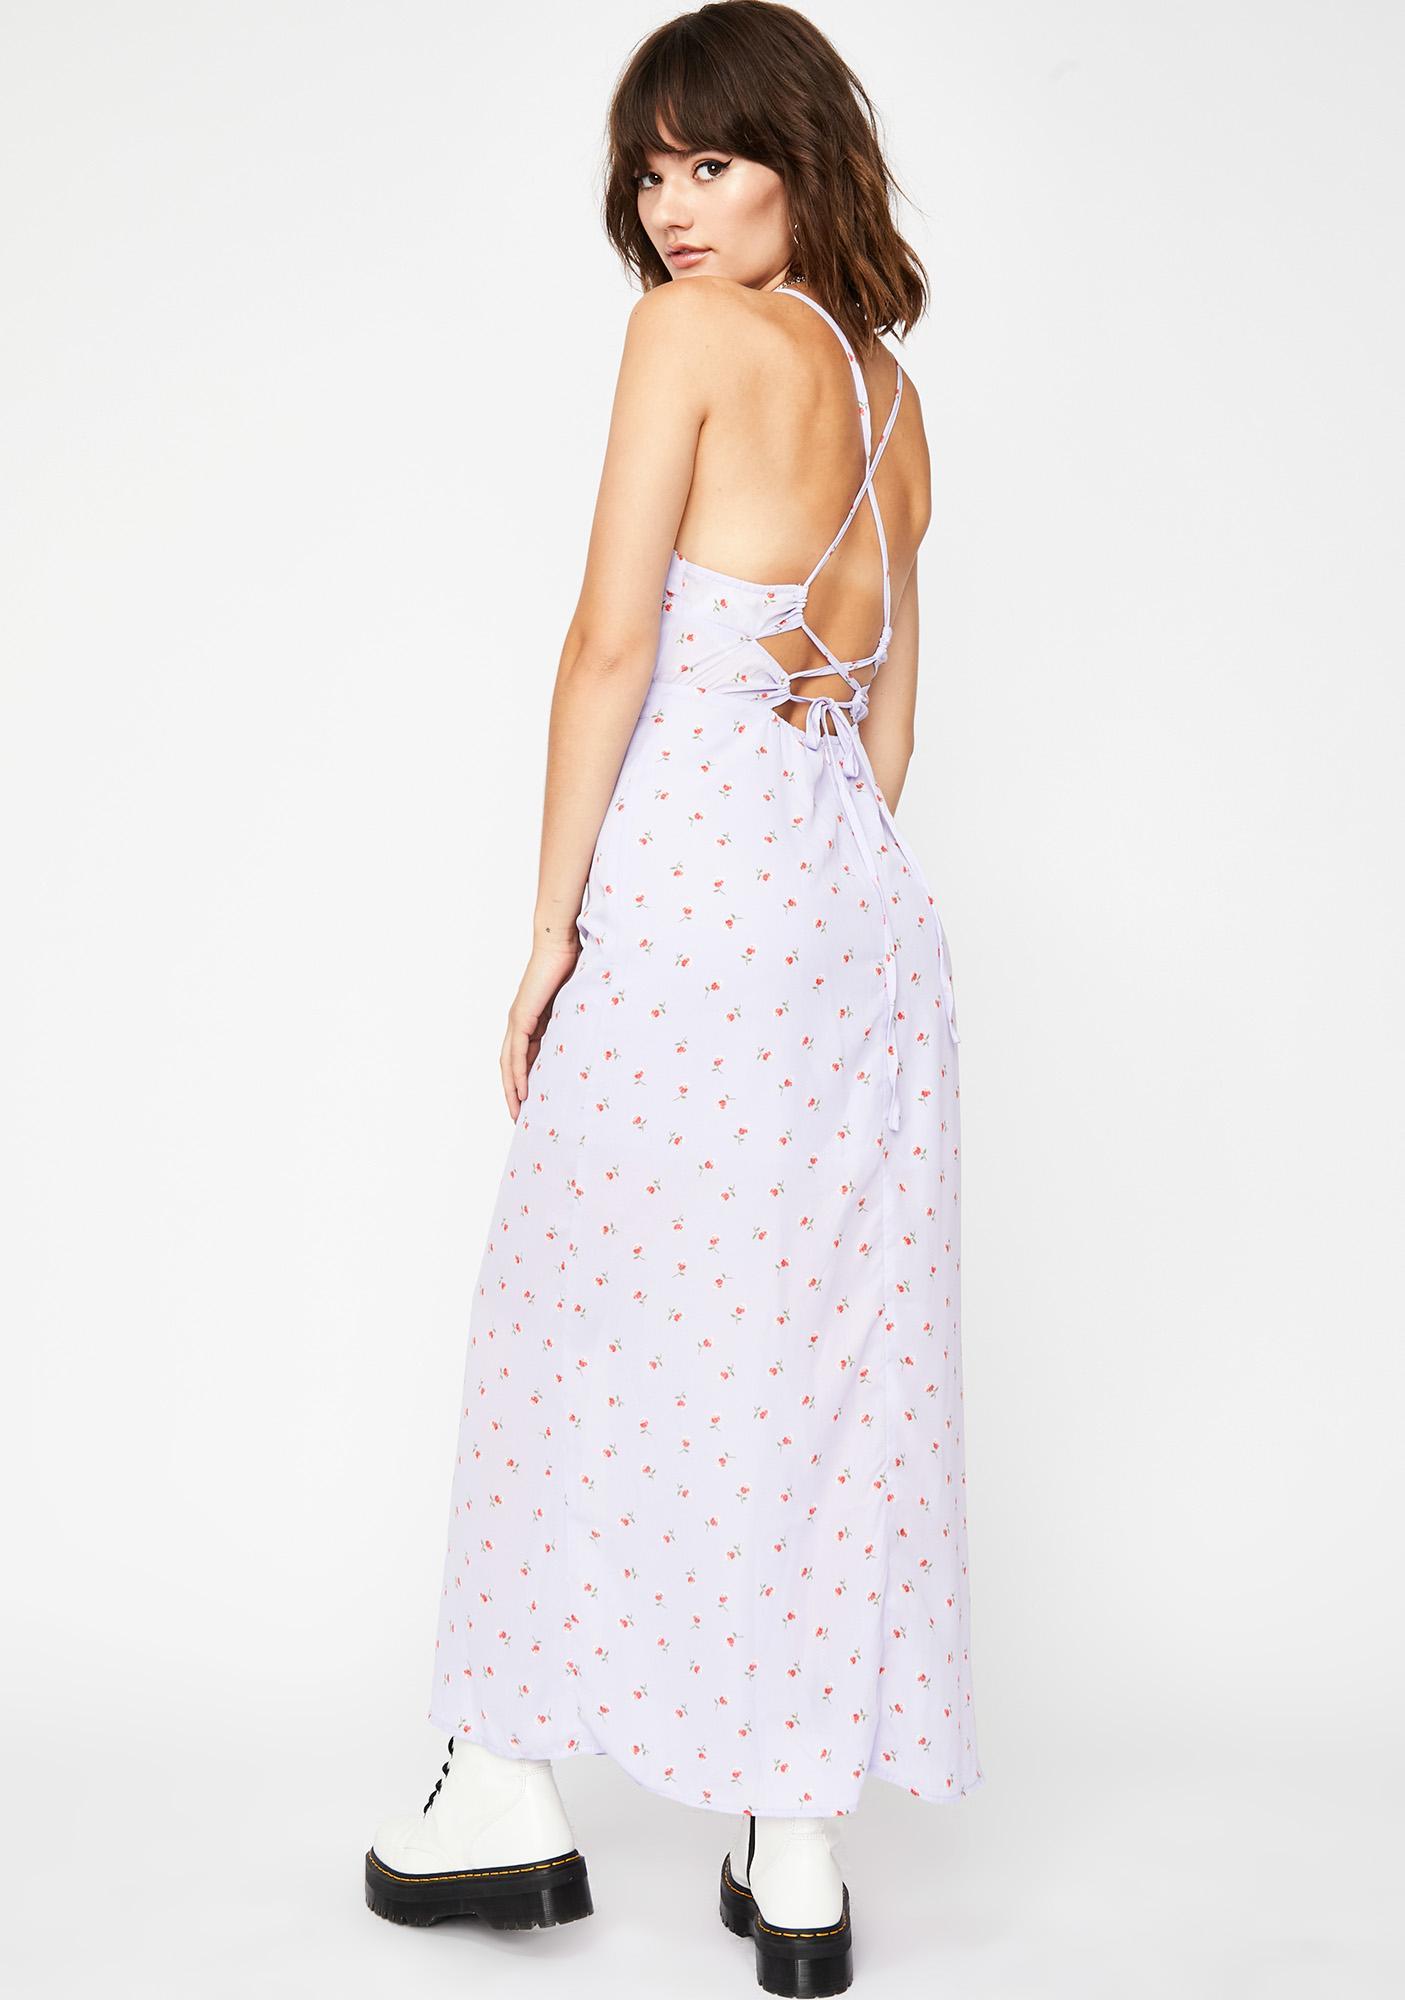 Dolores Park Floral Dress